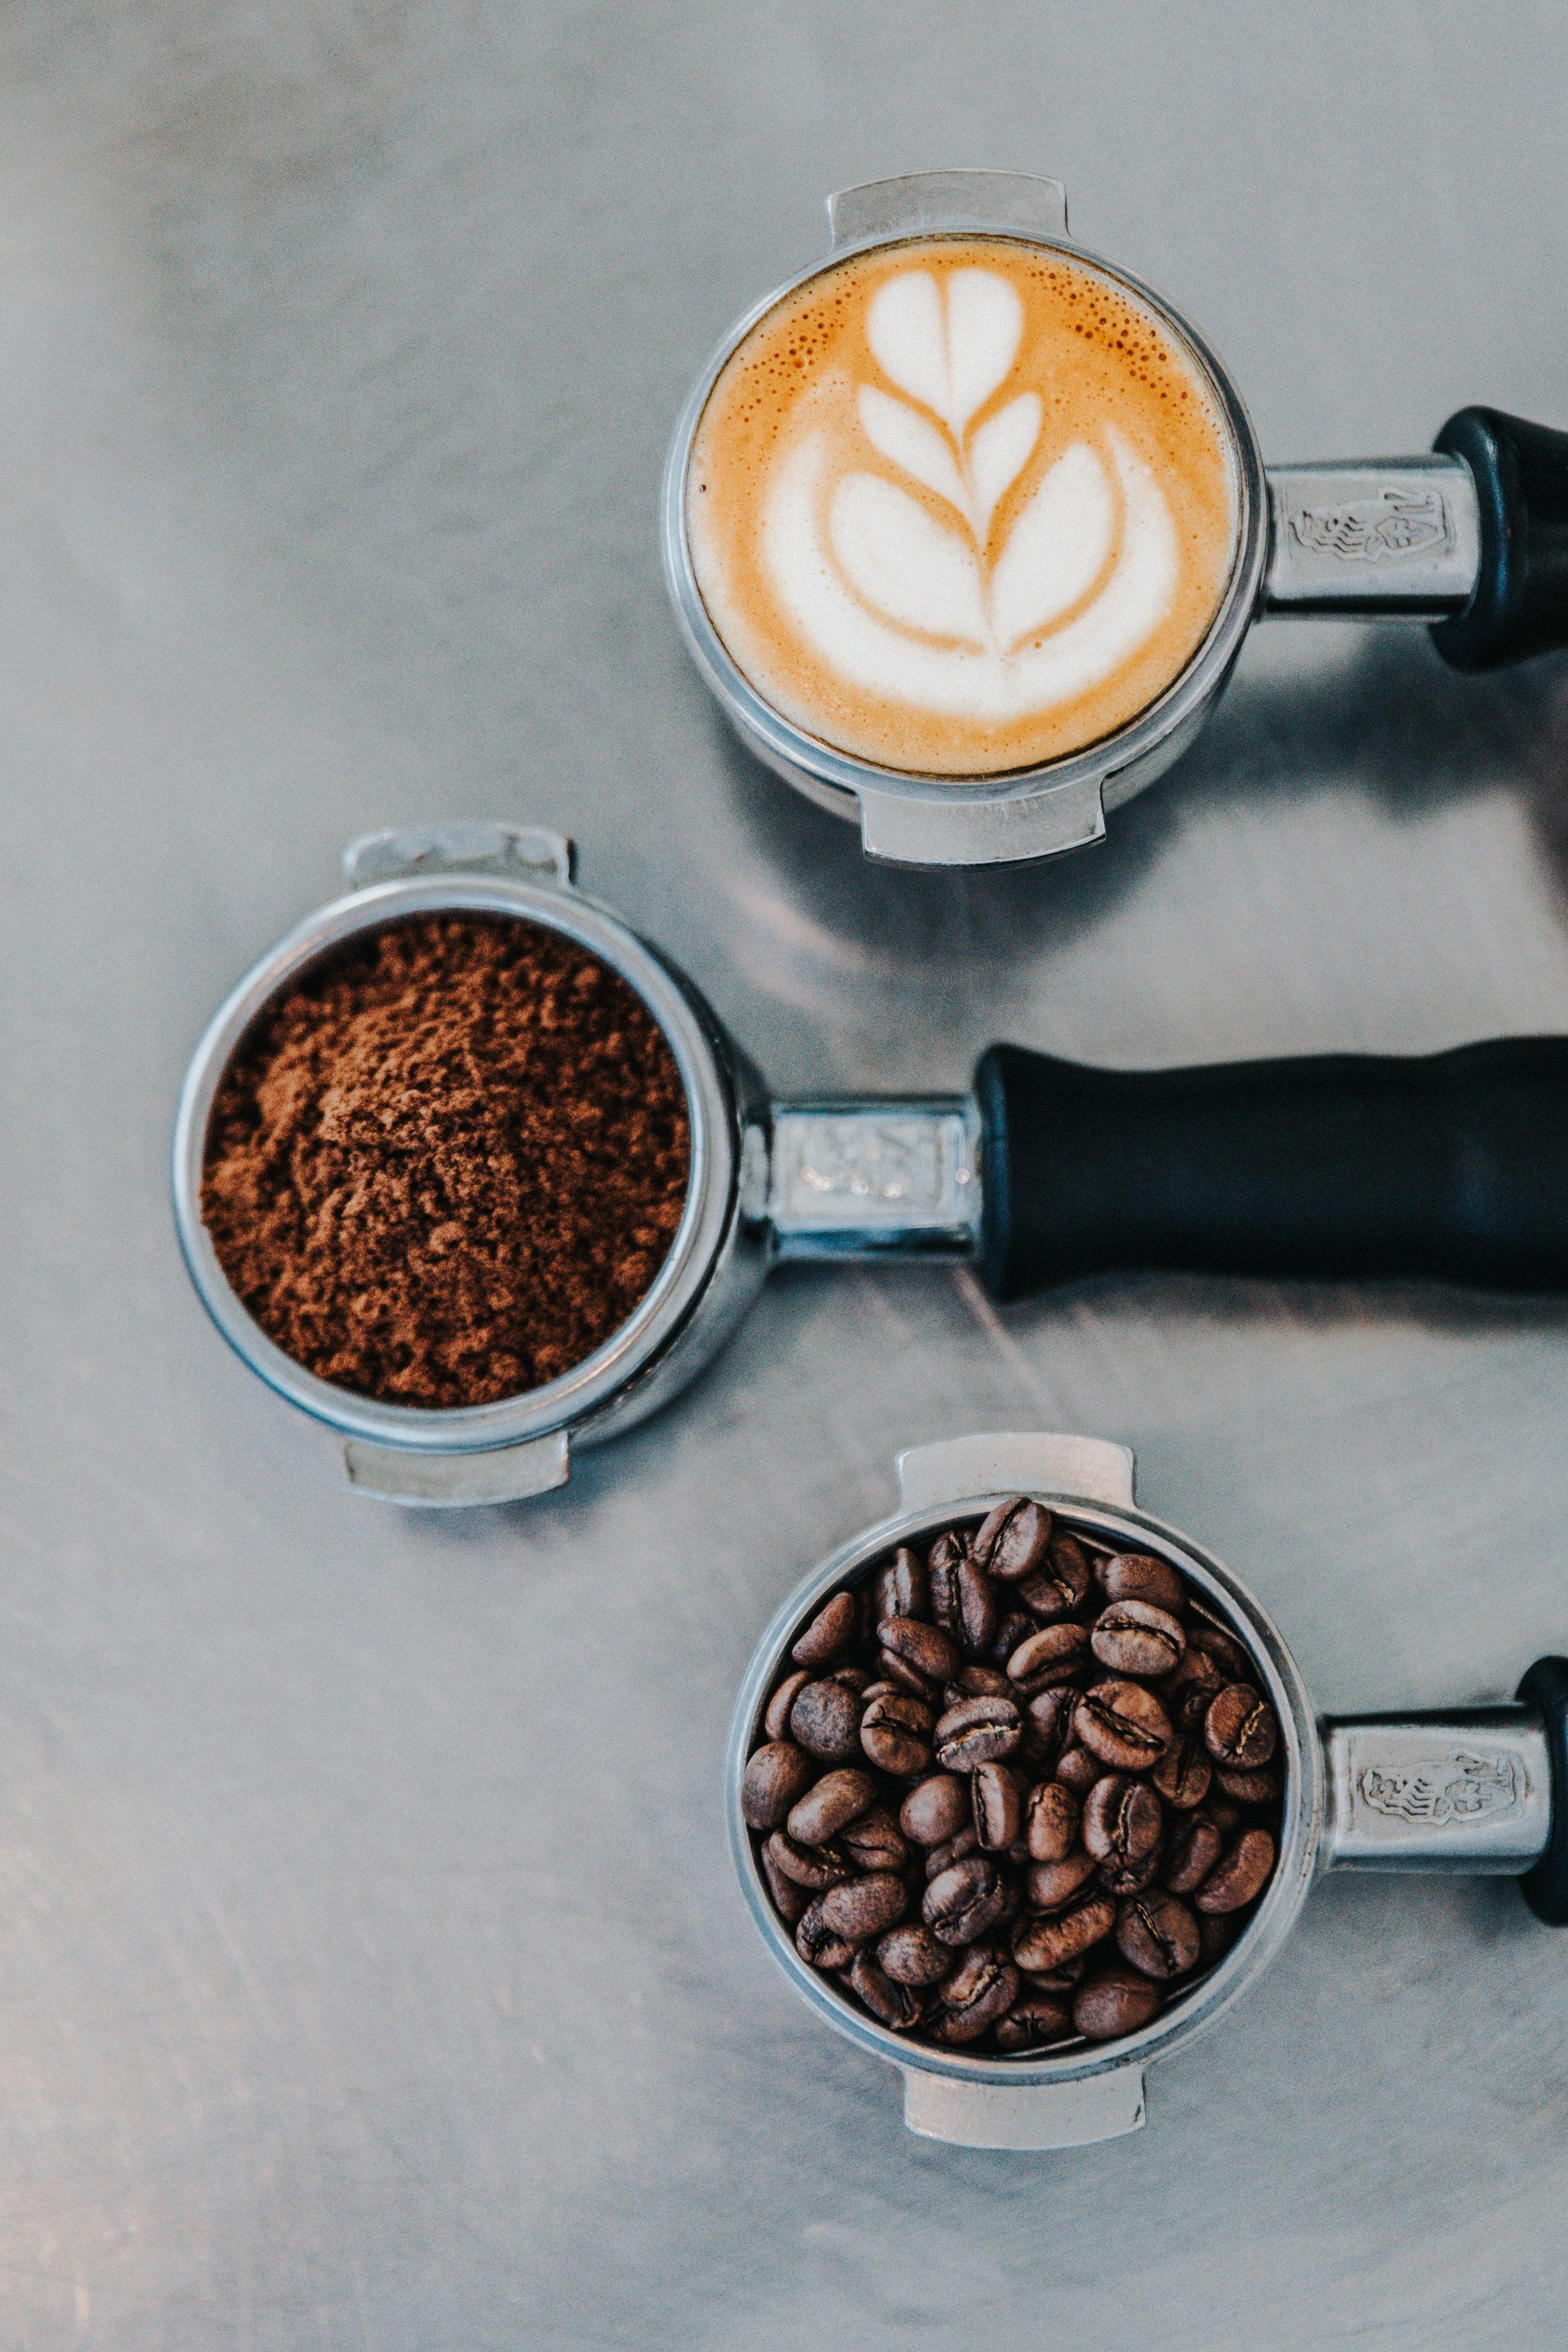 Coffee Passion - Unsere Philosophie basiert auf simplen Werten. Unsere Produkte und unsere Services können nur so gut sein wie das, was als Zutat verwendet wurde. Wir verschwenden keine Zeit mit Worten, wir machen das Offensichtliche zu unserer Maxime. Fair sein, genießen und auf den guten Geschmack hören.